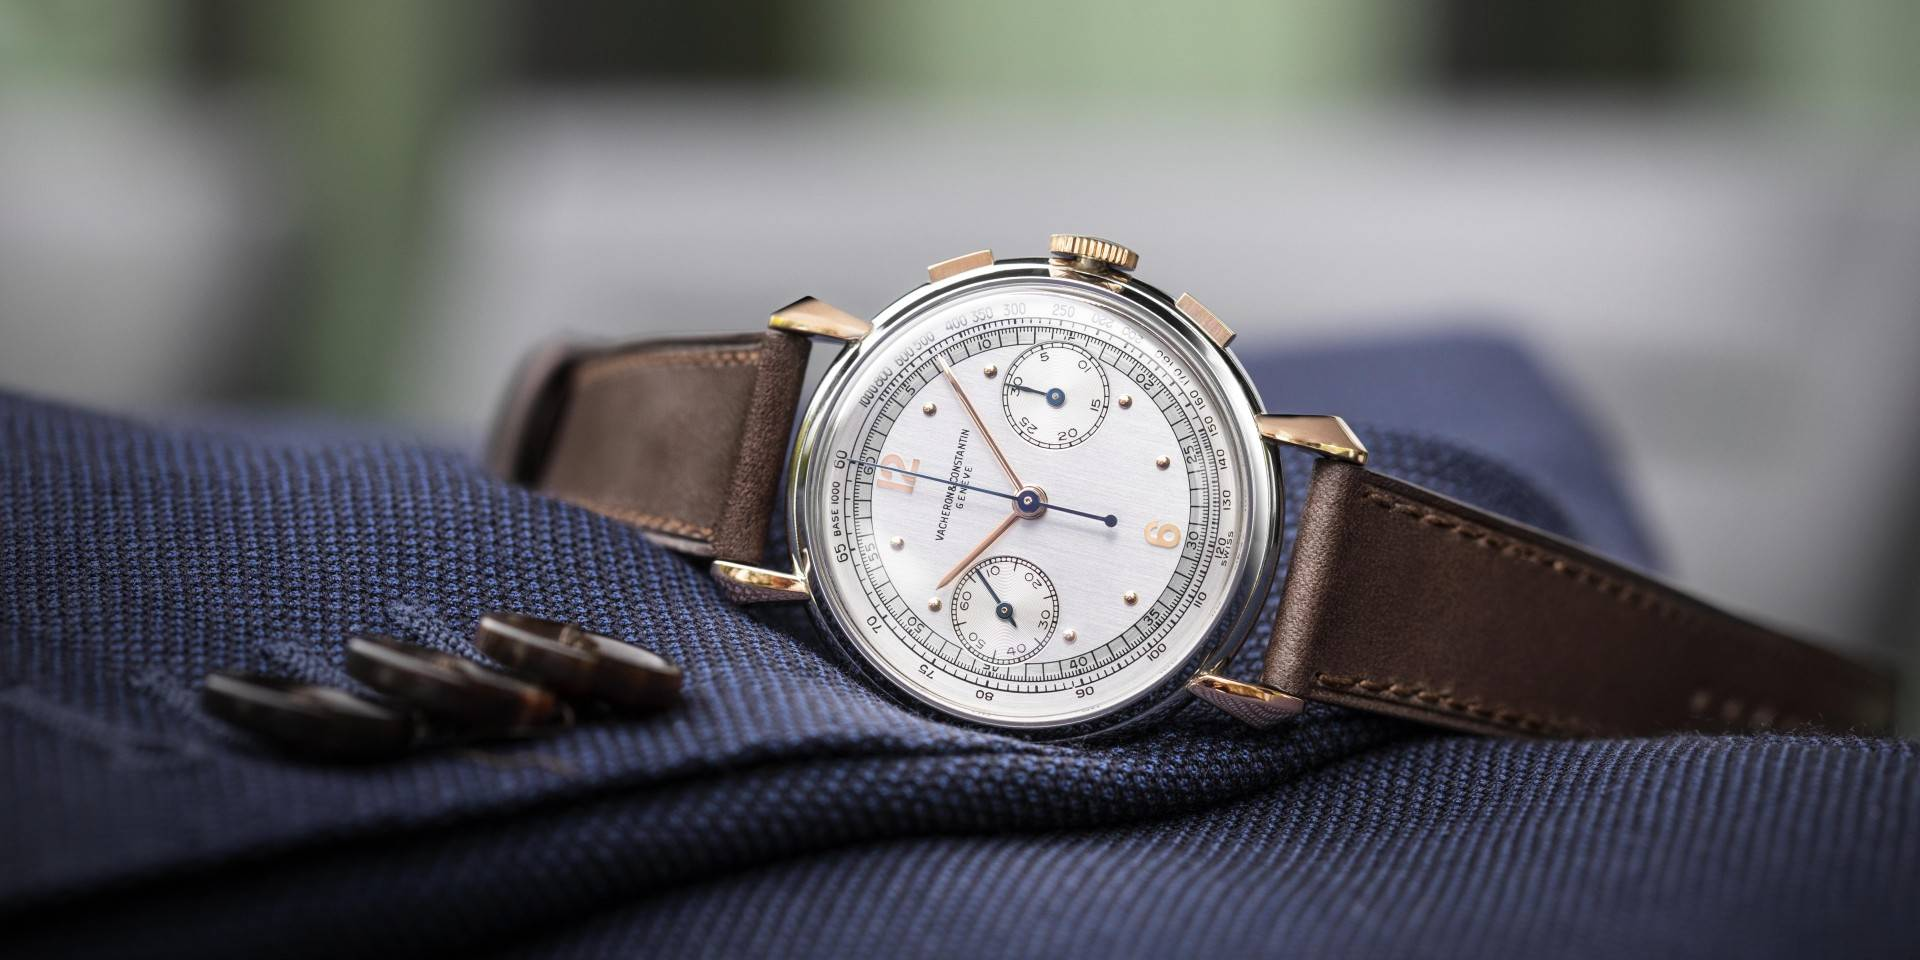 江詩丹頓「Les Collectionneurs」收藏家系列8月25日至9月7日於台北101專賣店展出,帶您走進的精湛的古董錶世界